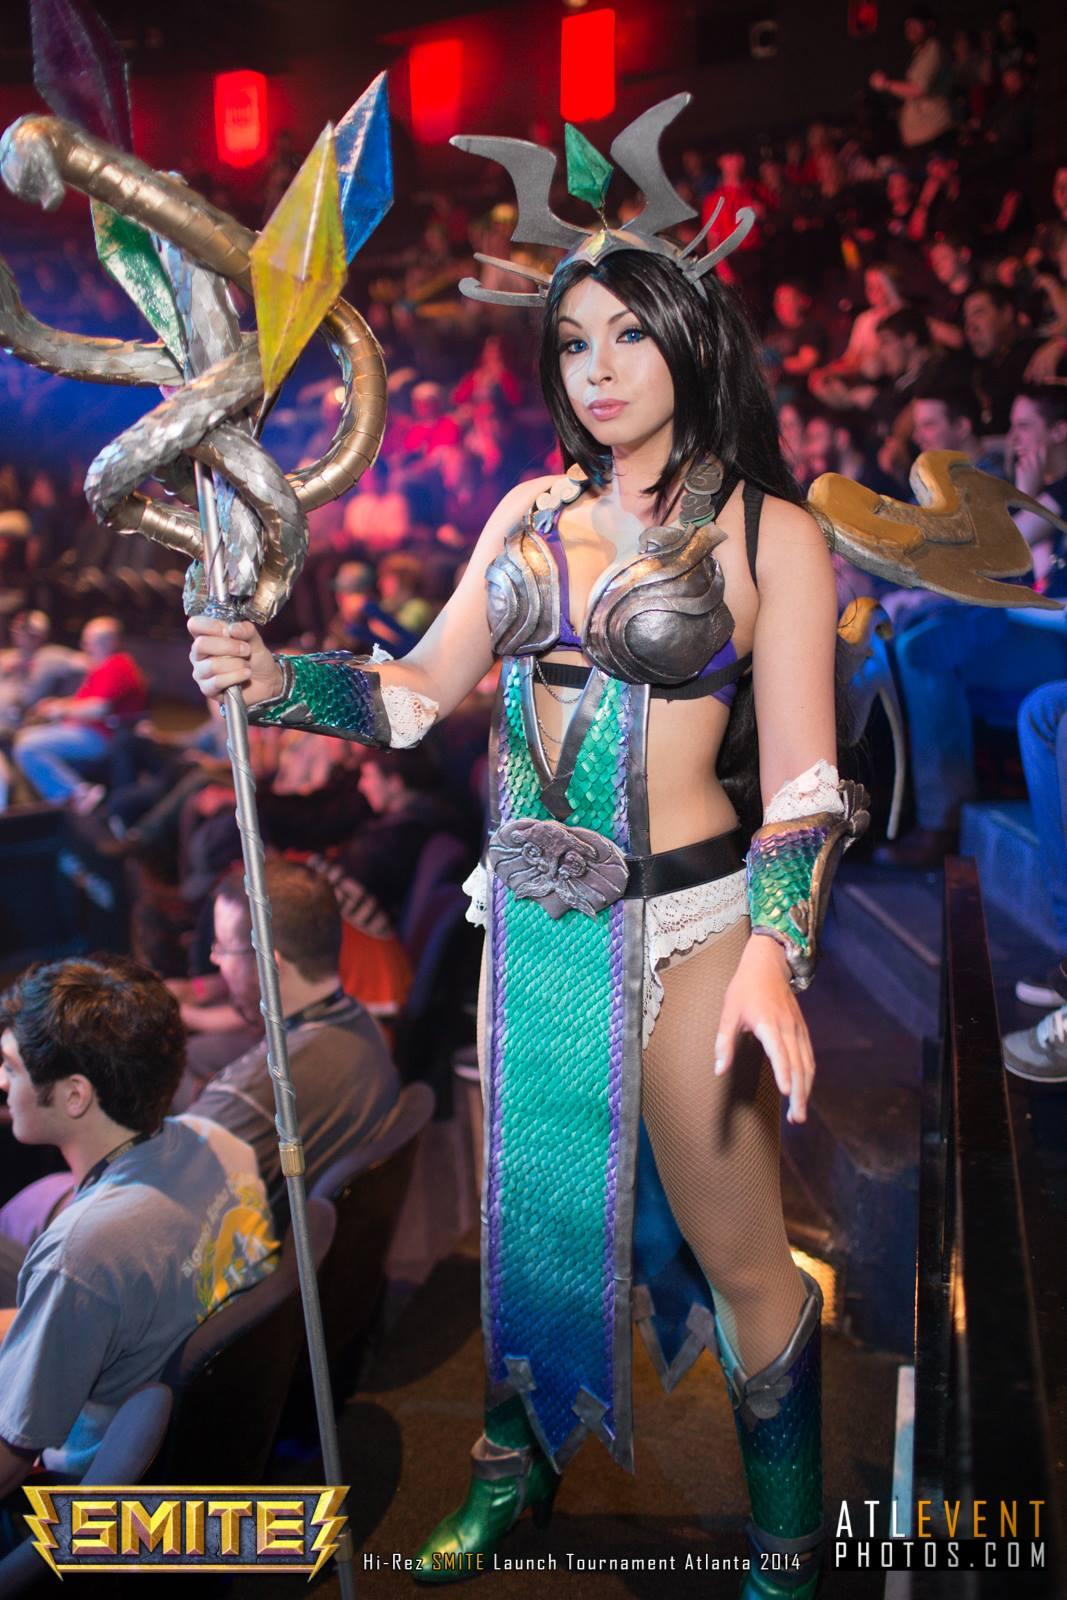 Ngắm cosplay tại SMITE Launch Tournament - Ảnh 32